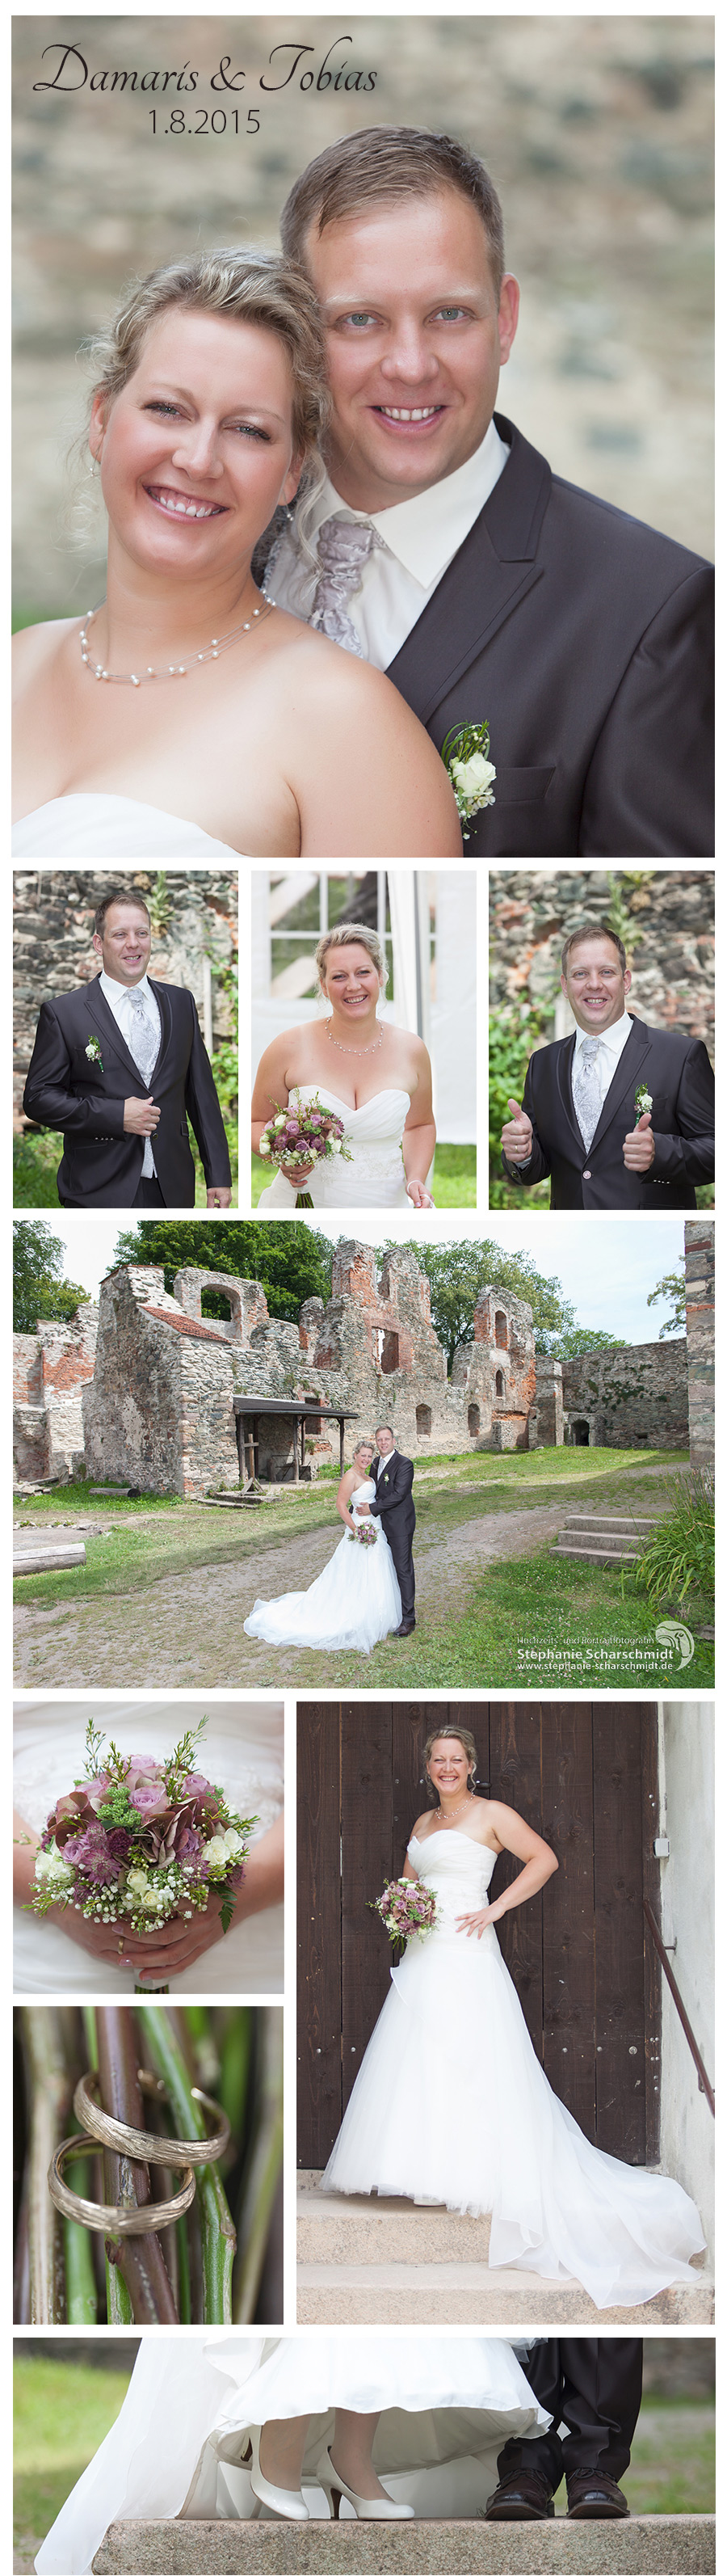 Hochzeitsreportage Brautpaar Shooting romantischen Schlossruine Hartenstein bei Zwickau (Sachsen) - Hochzeitsfotograf Zwickau - Hochzeits- und Portraitfotografin Stephanie Scharschmidt